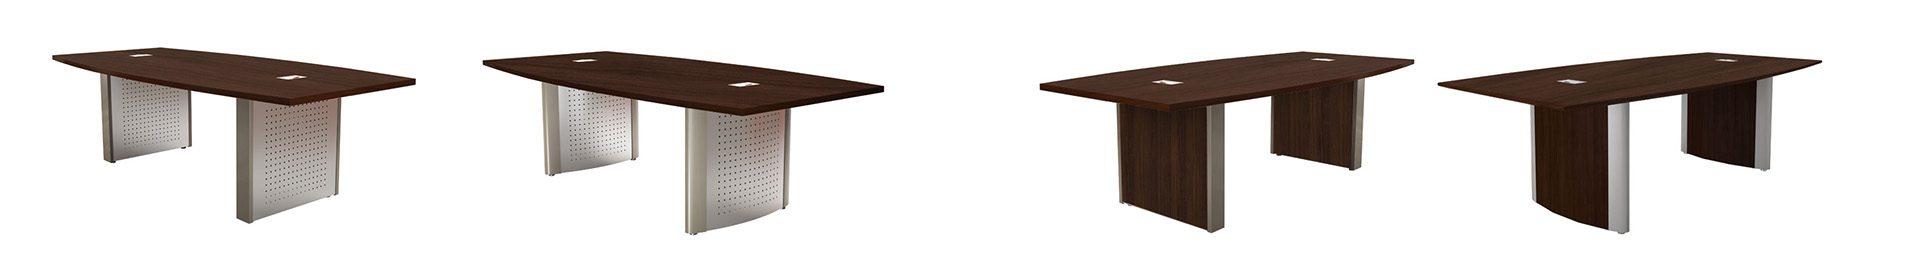 Vanity - CAP Series